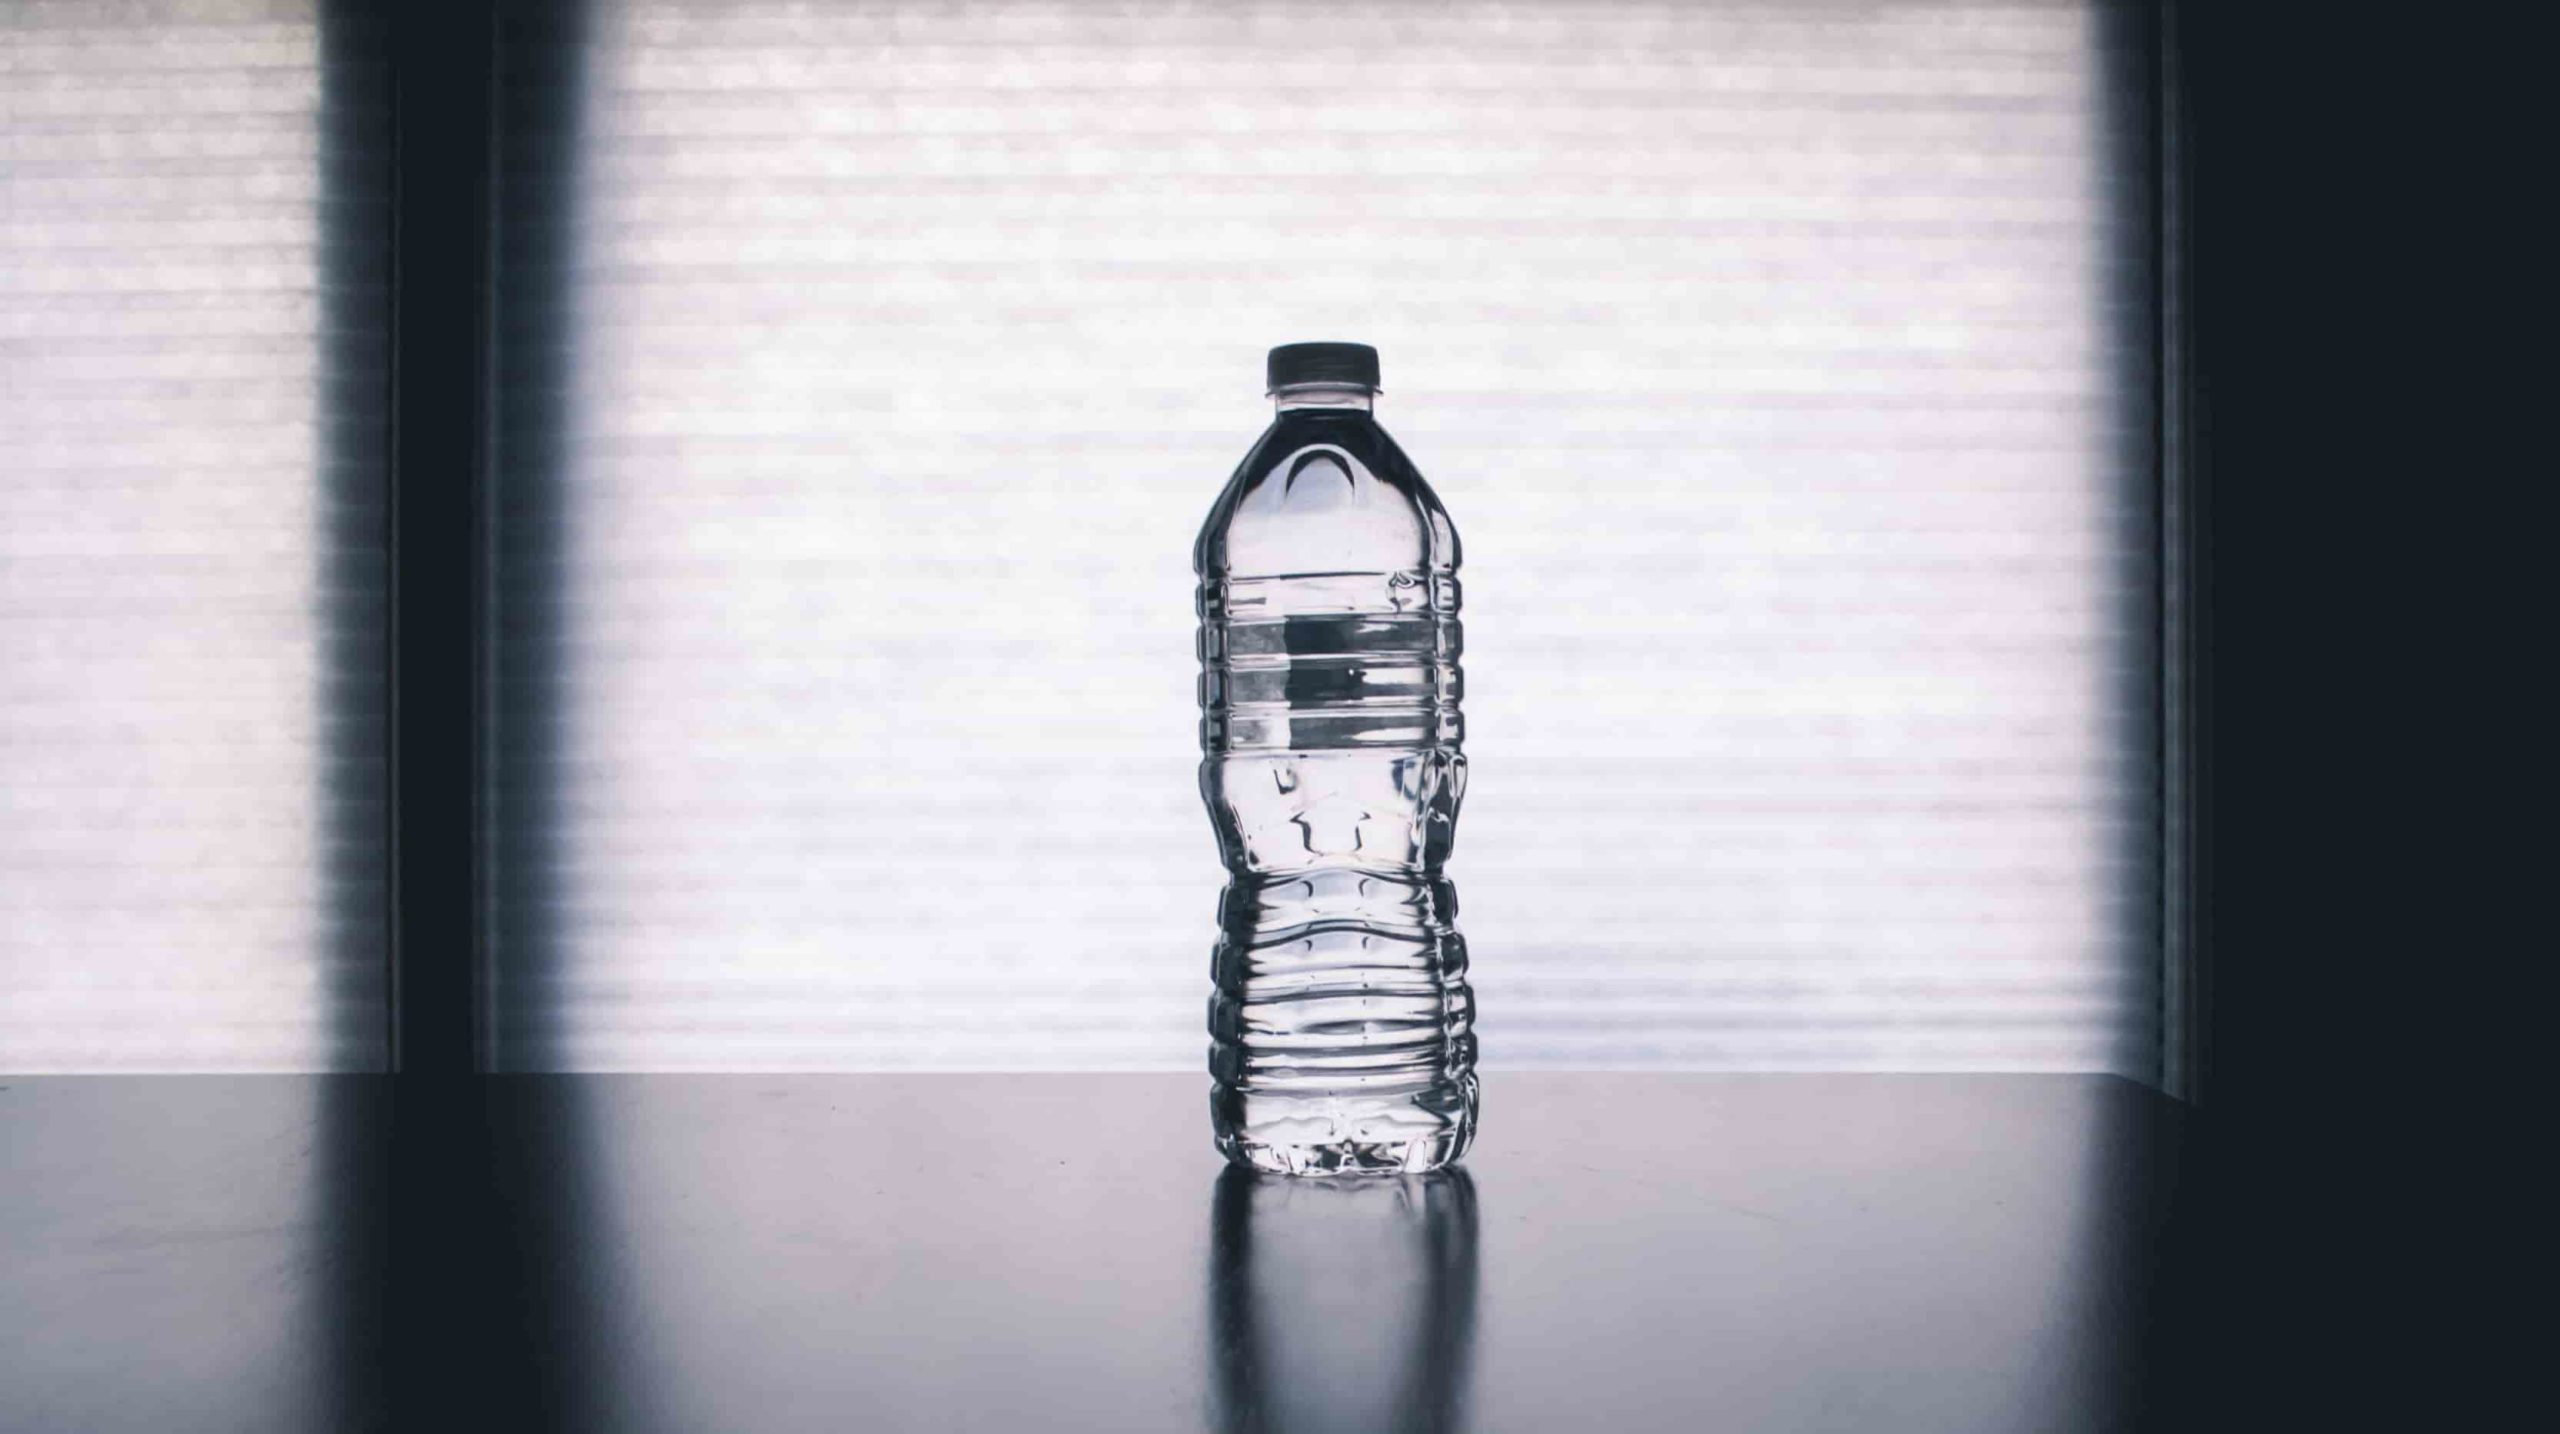 ecobrick plastic bottle on shadowy background